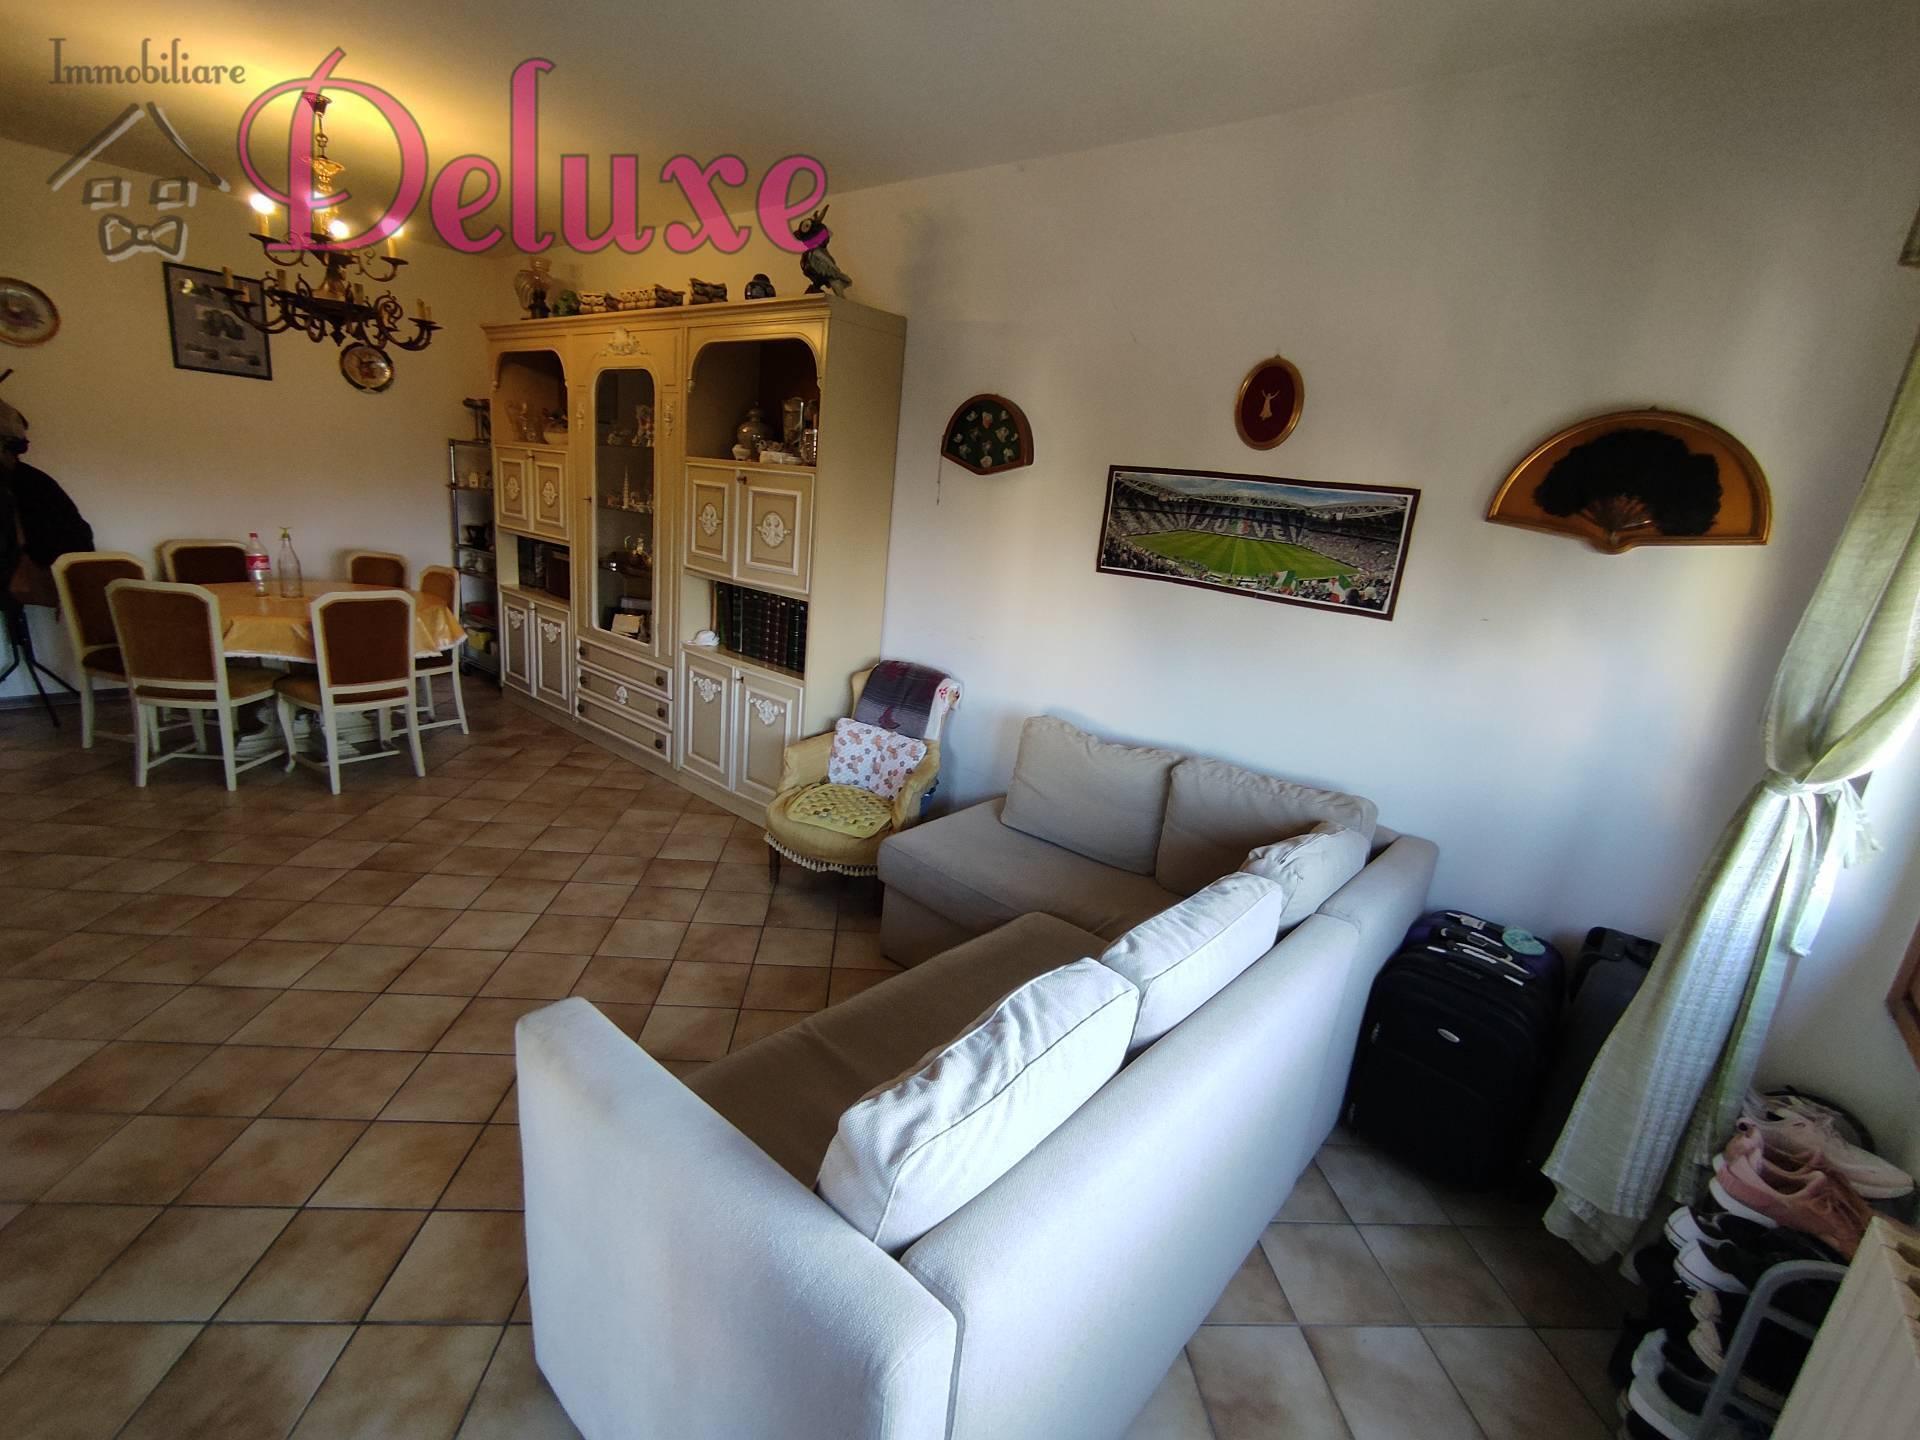 Appartamento in vendita a Macerata, 4 locali, zona Zona: Semicentrale, prezzo € 120.000   CambioCasa.it